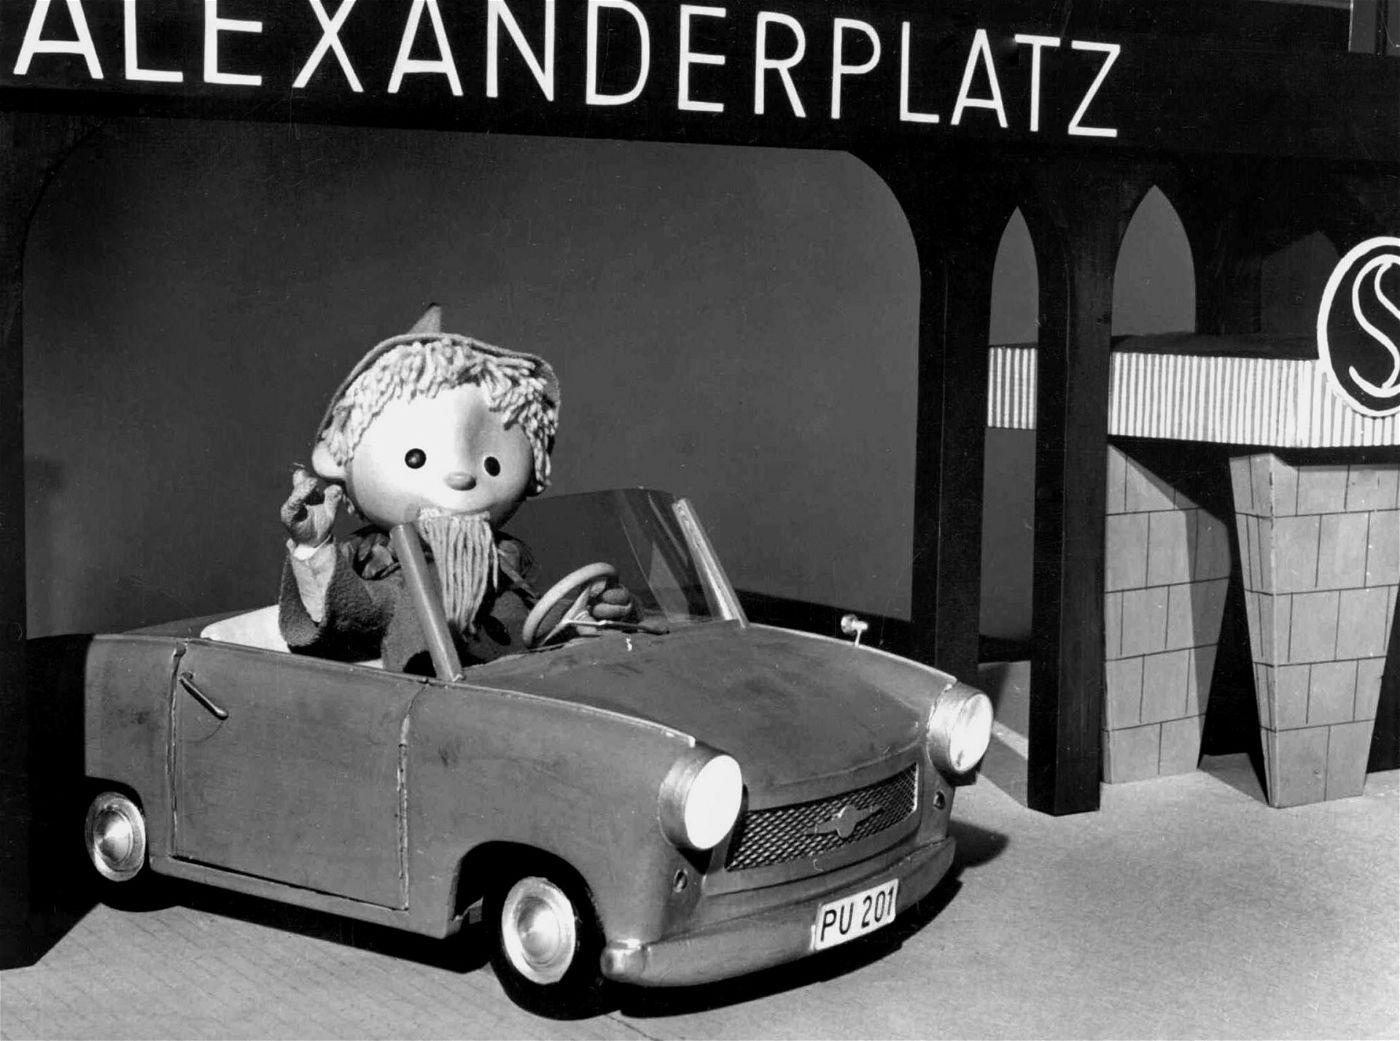 Früher sah das noch anders aus: das Sandmännchen im Trabi an der S-Bahn-Unterführung Berlin-Alexanderplatz.